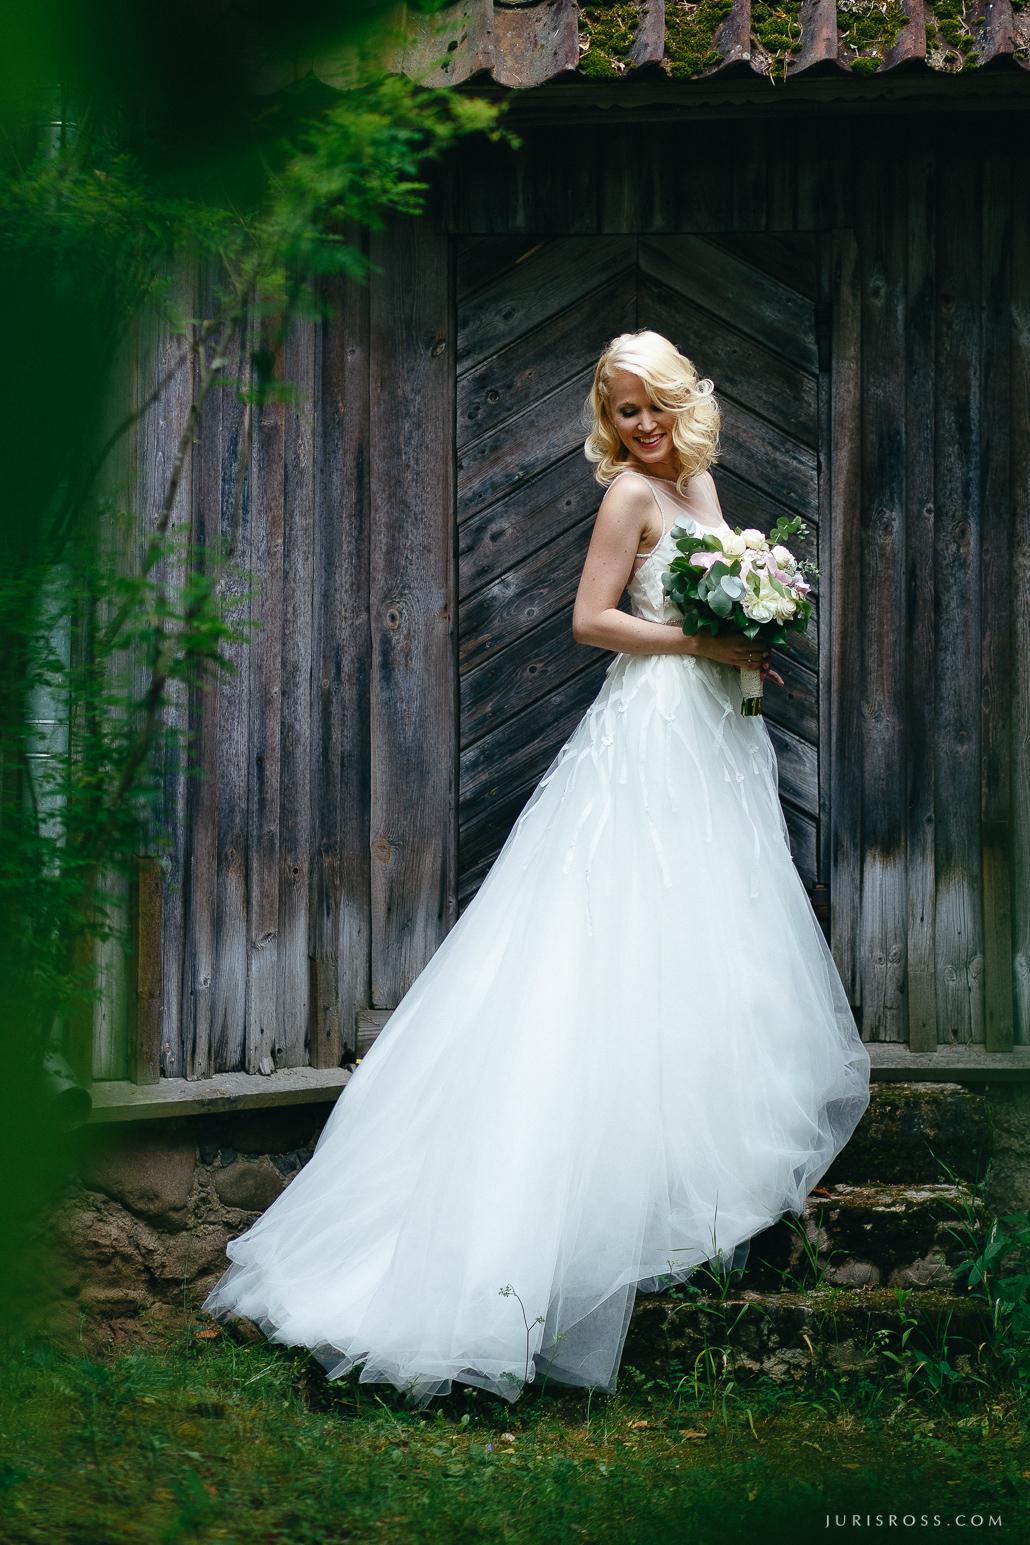 līgavas portrets kāzu kleita